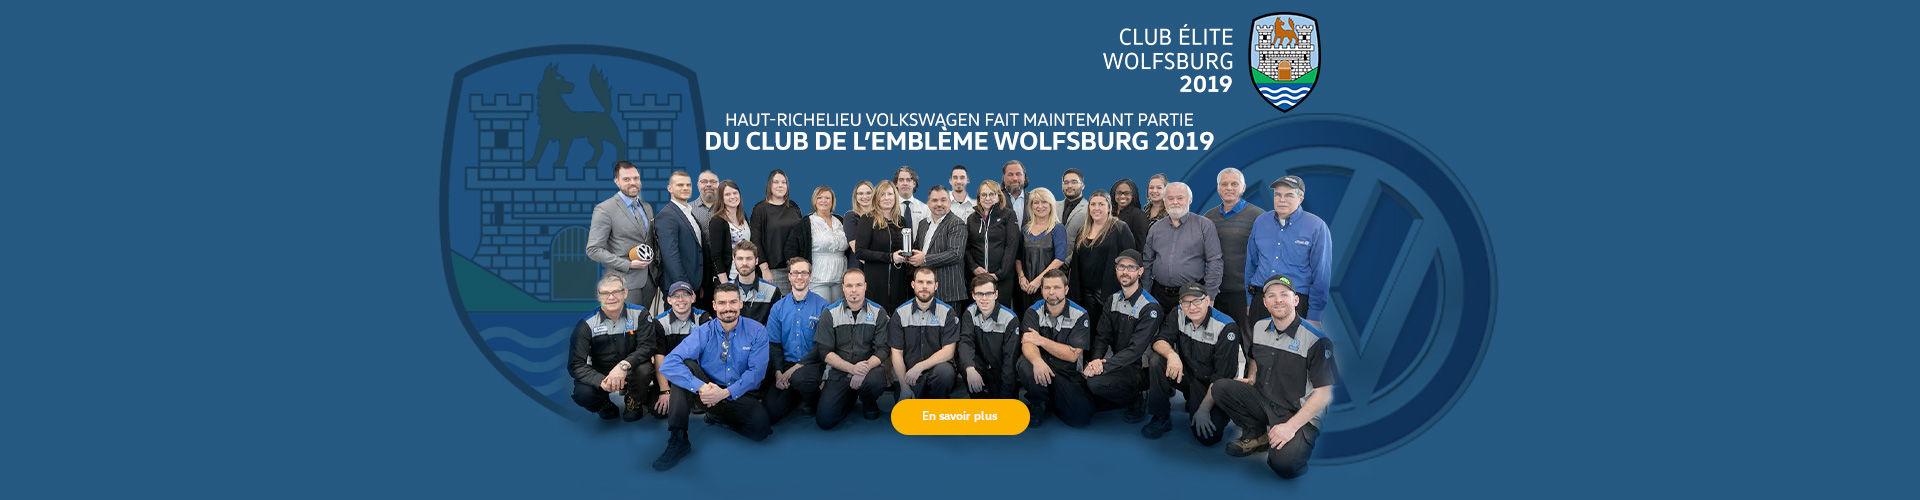 Club Élite Wolfsburg 2019